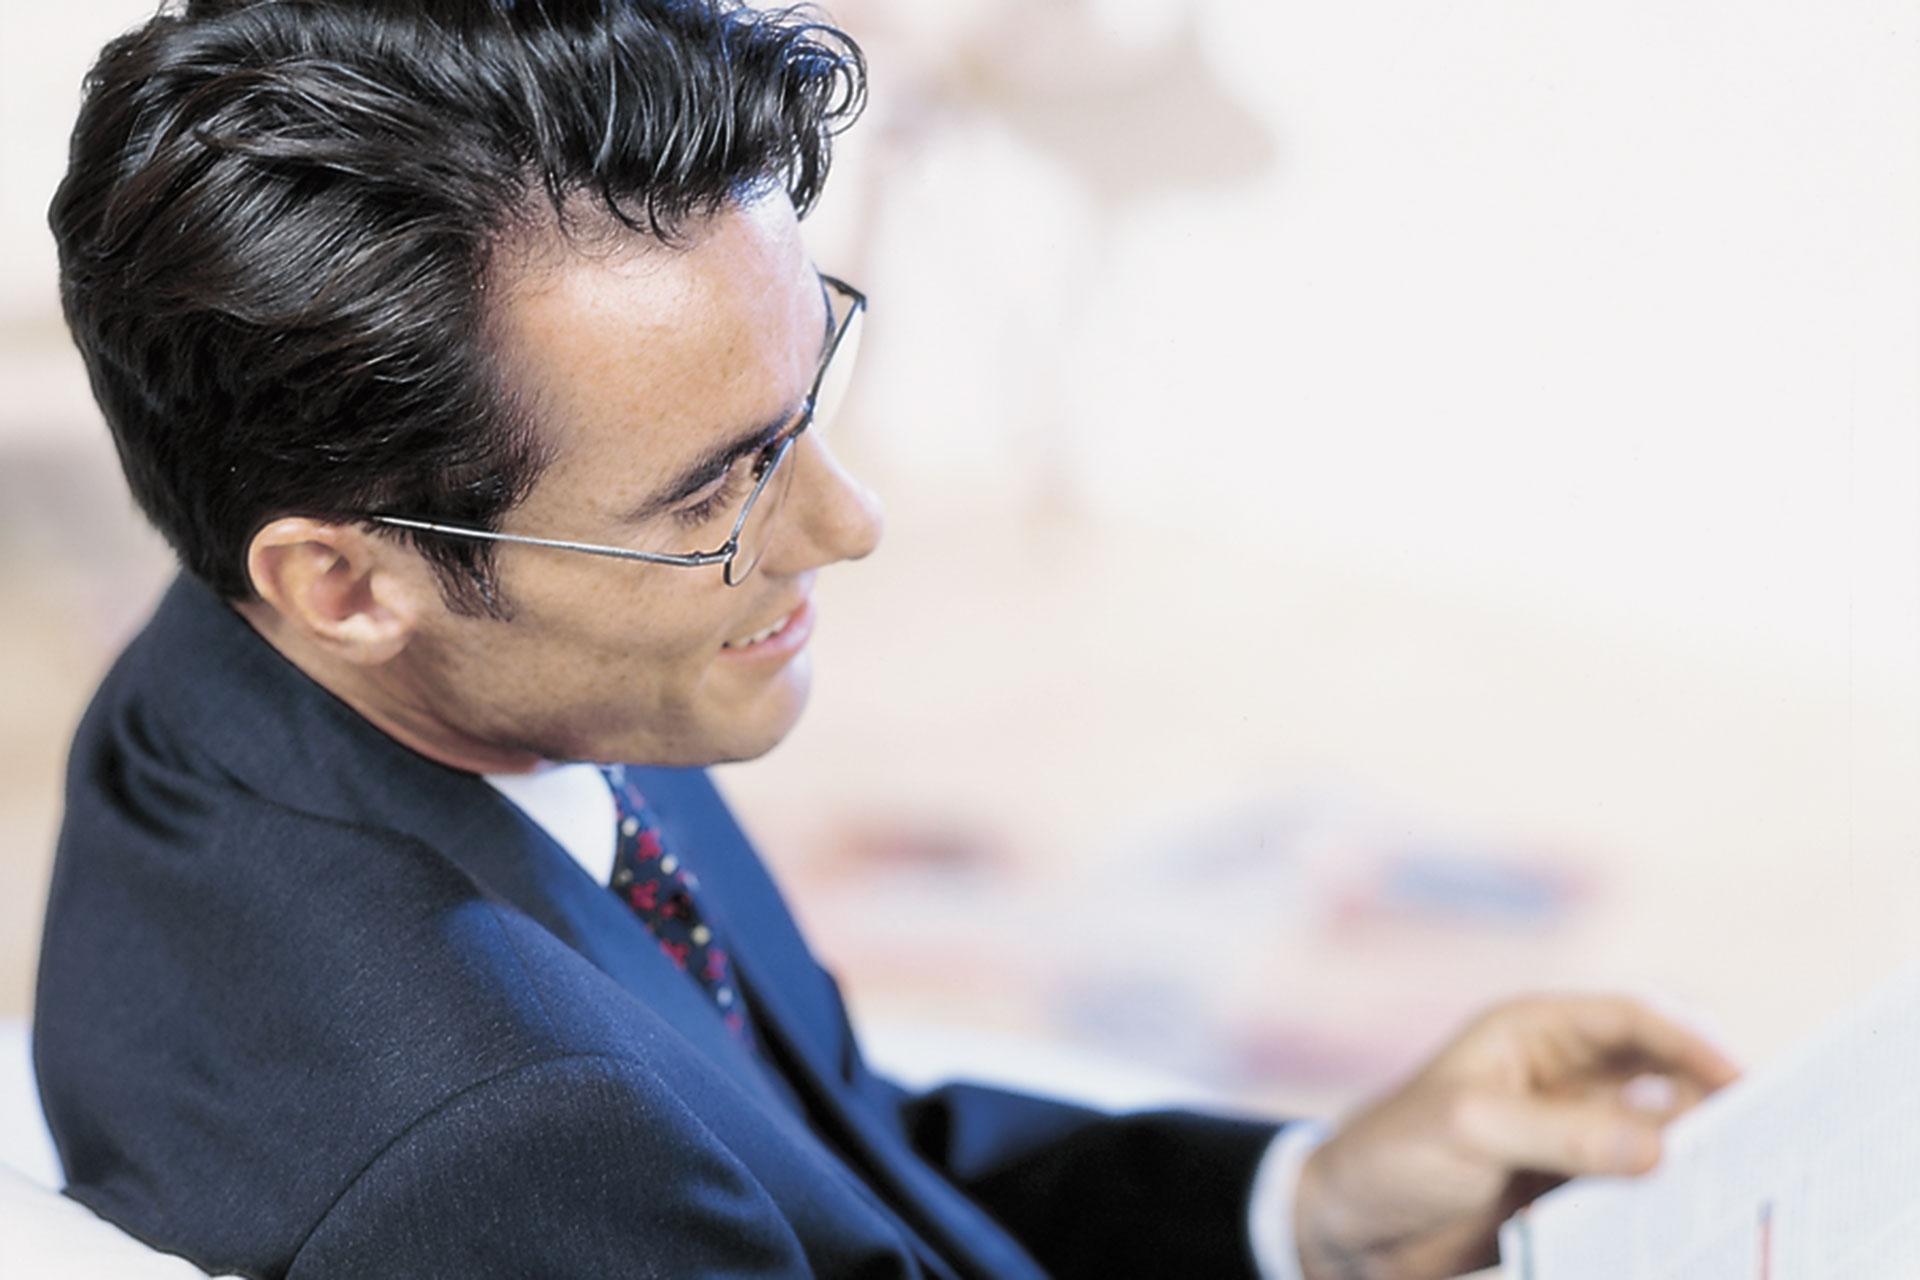 szemüveg rövidlátásos és asztigmatikus vezetők számára)